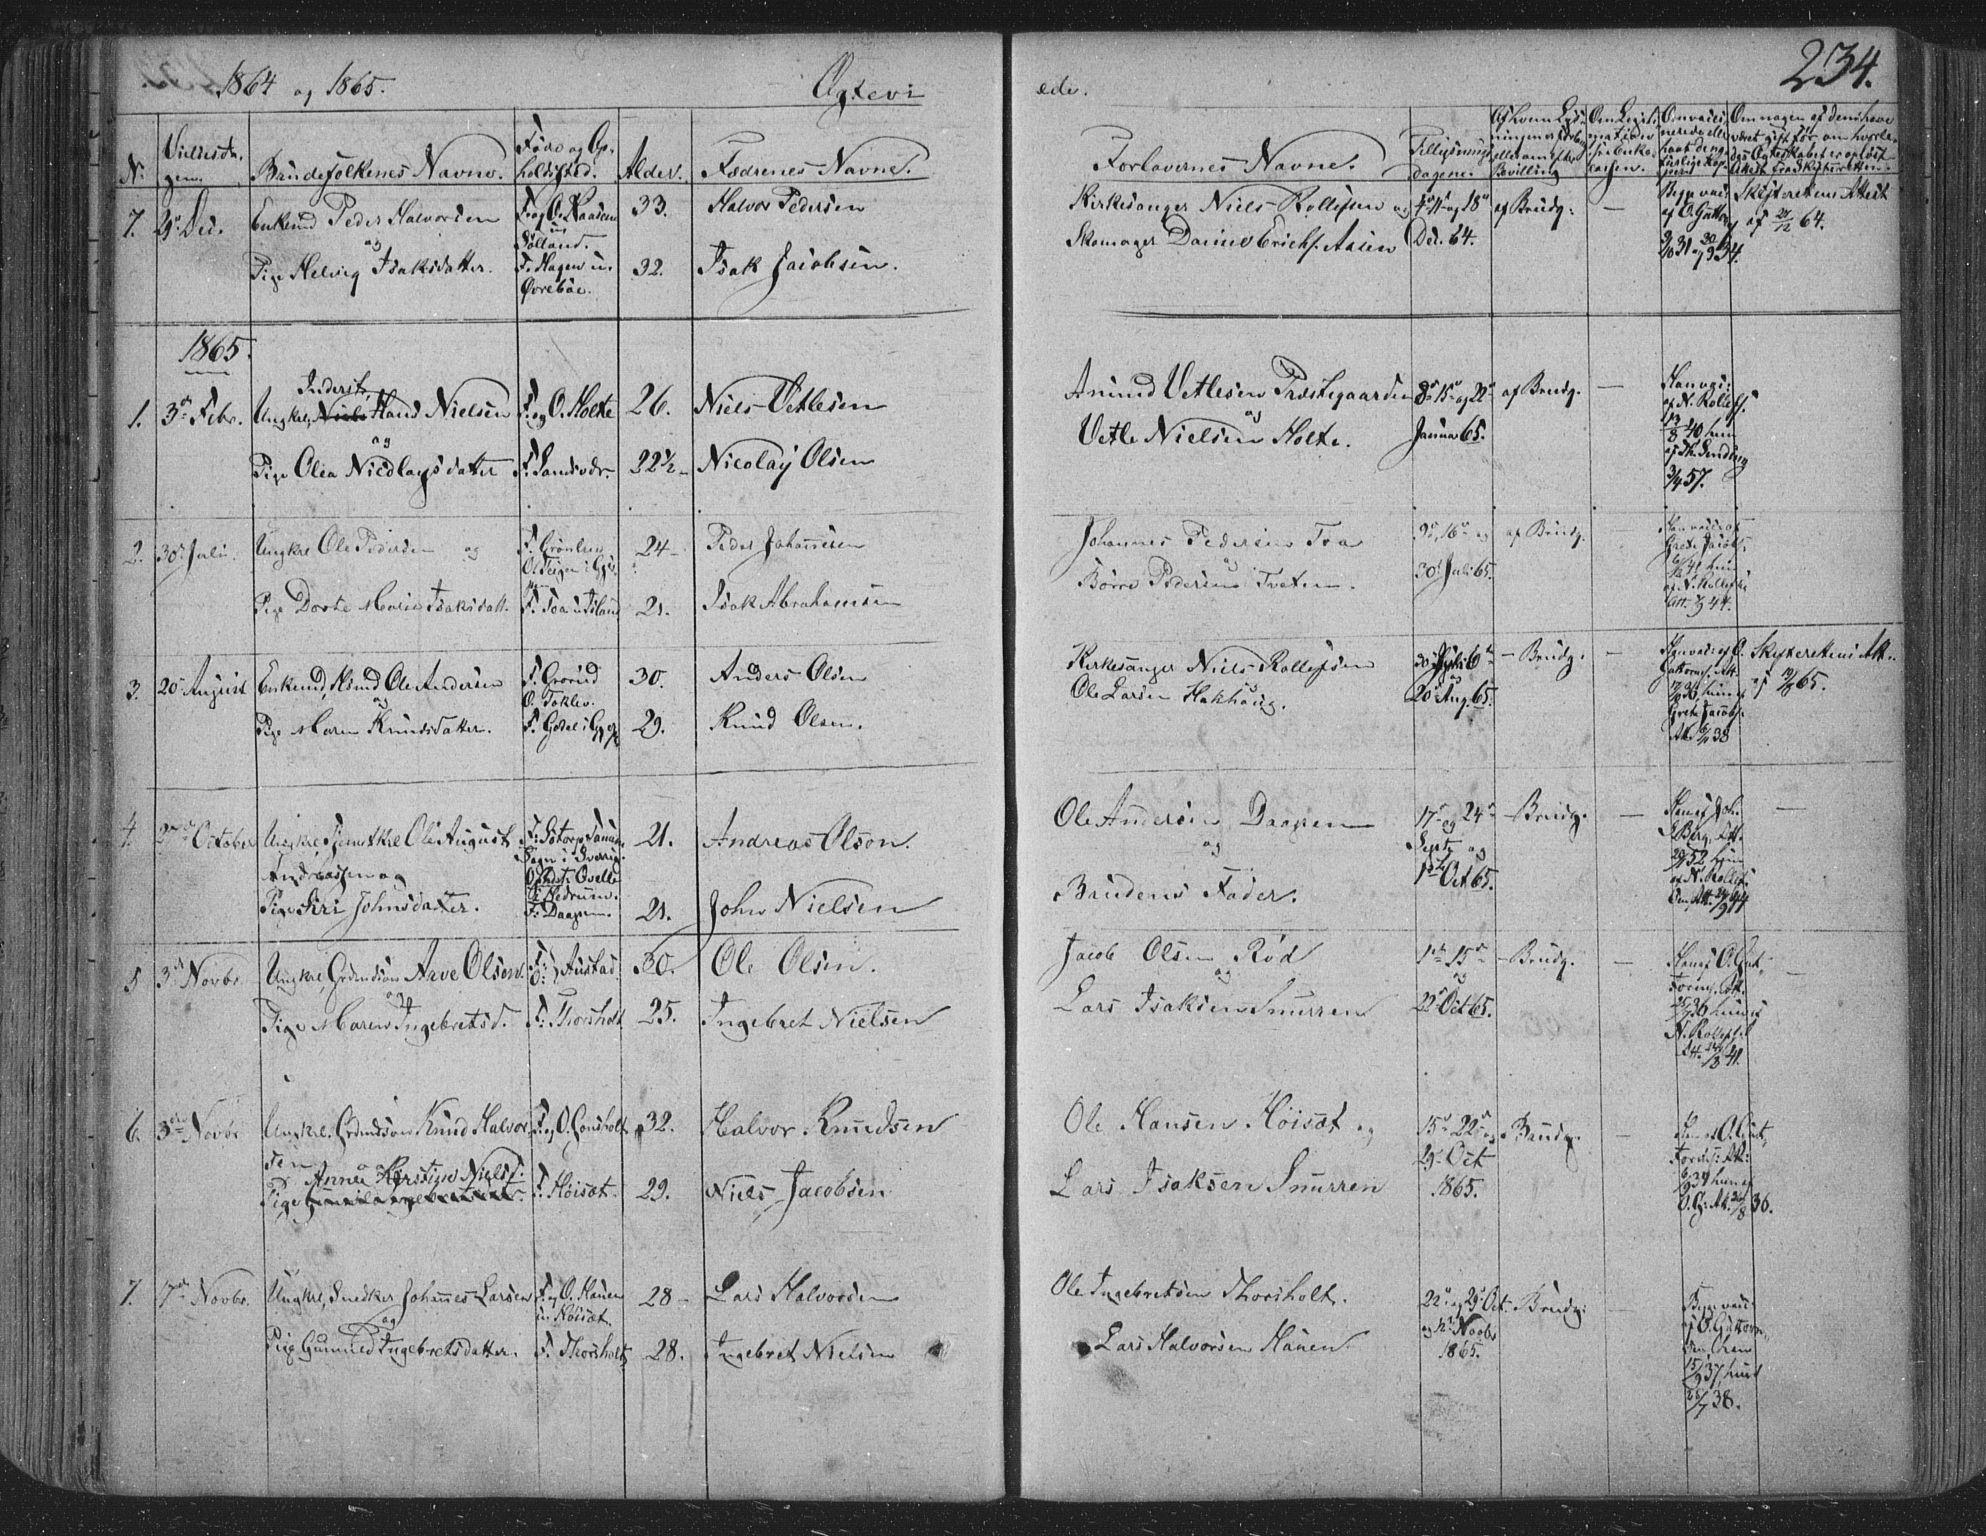 SAKO, Siljan kirkebøker, F/Fa/L0001: Ministerialbok nr. 1, 1831-1870, s. 234